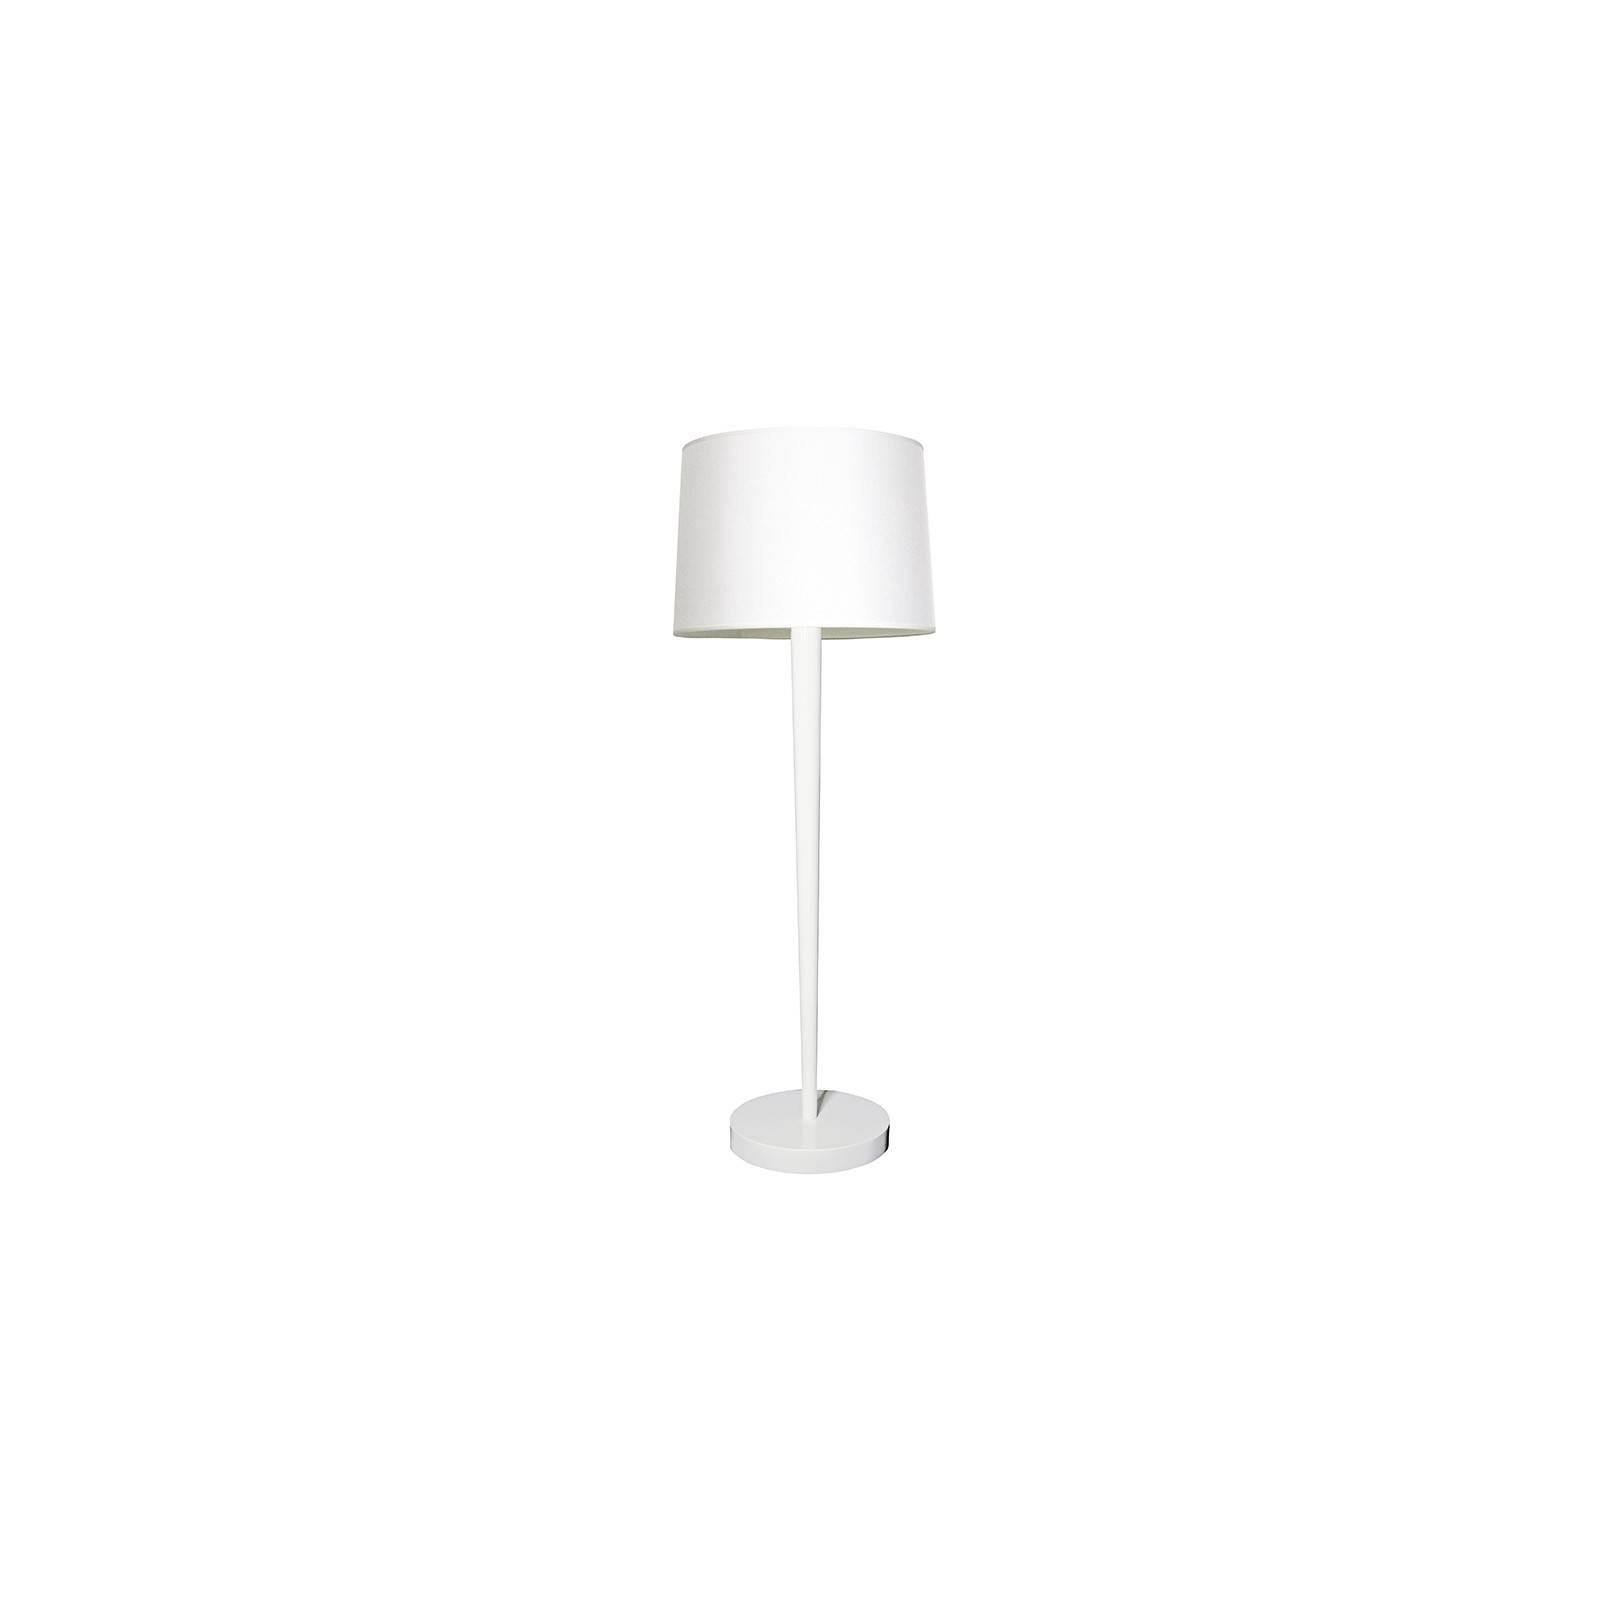 Lampadaire blanc au style design Ariane